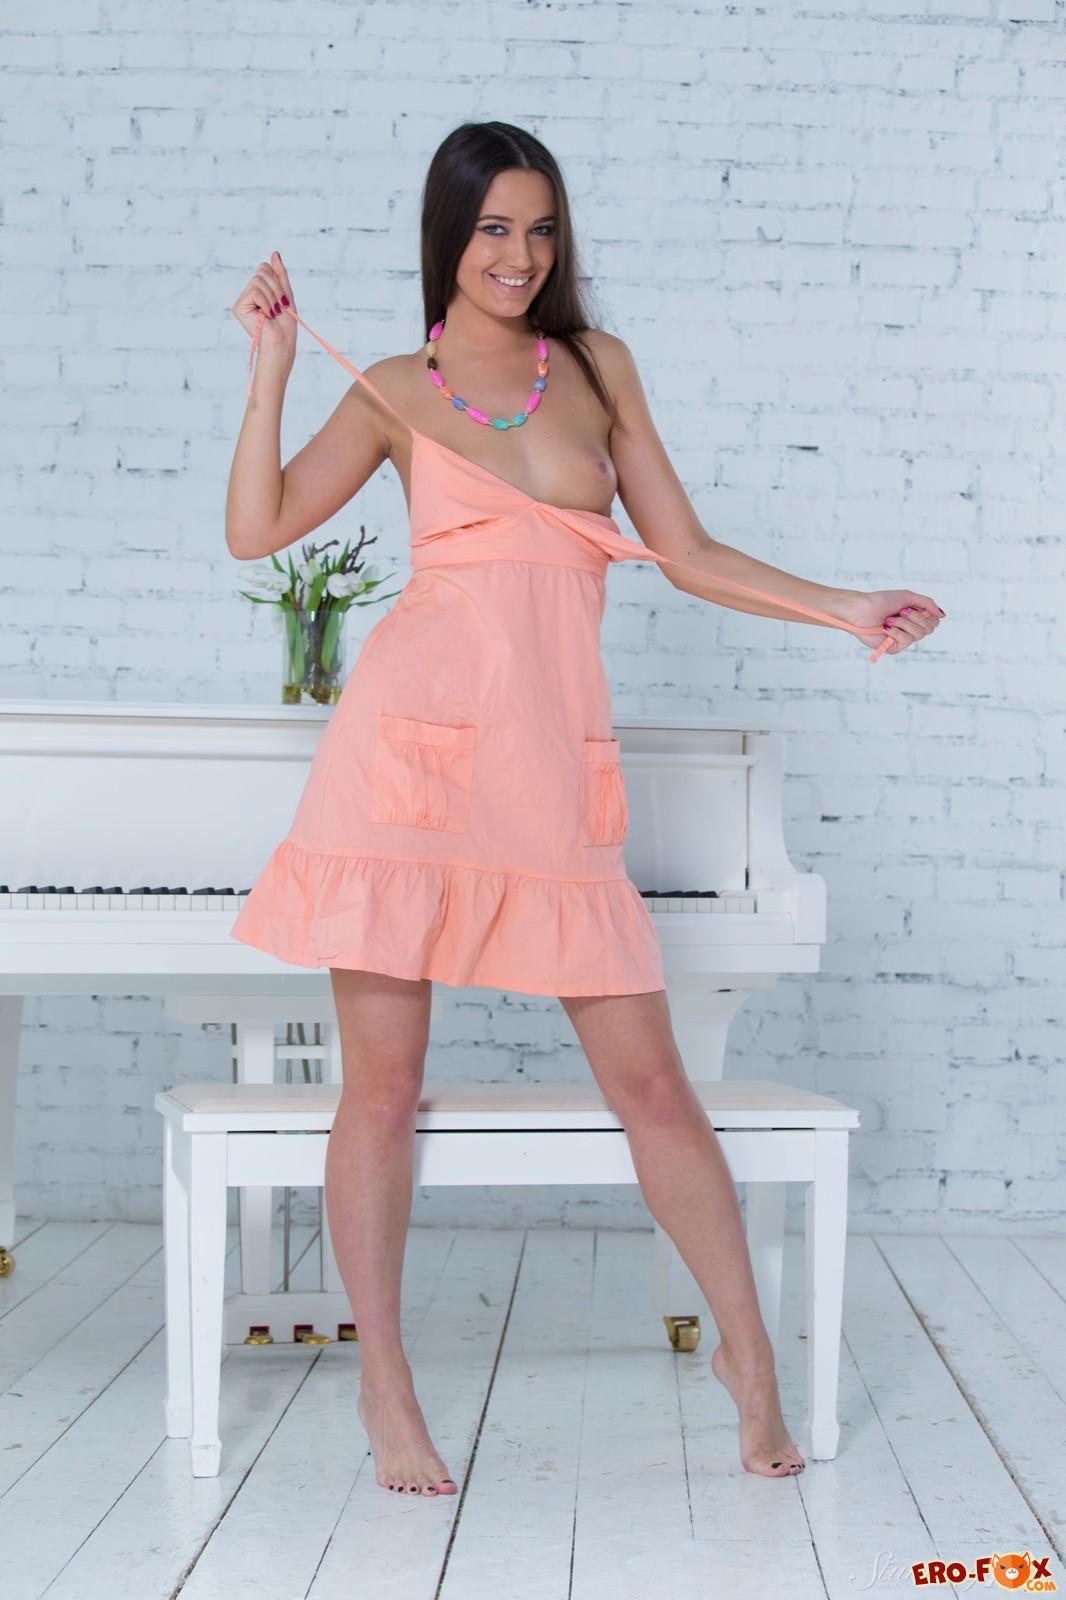 Девушка сняла платье начав позировать голенькой